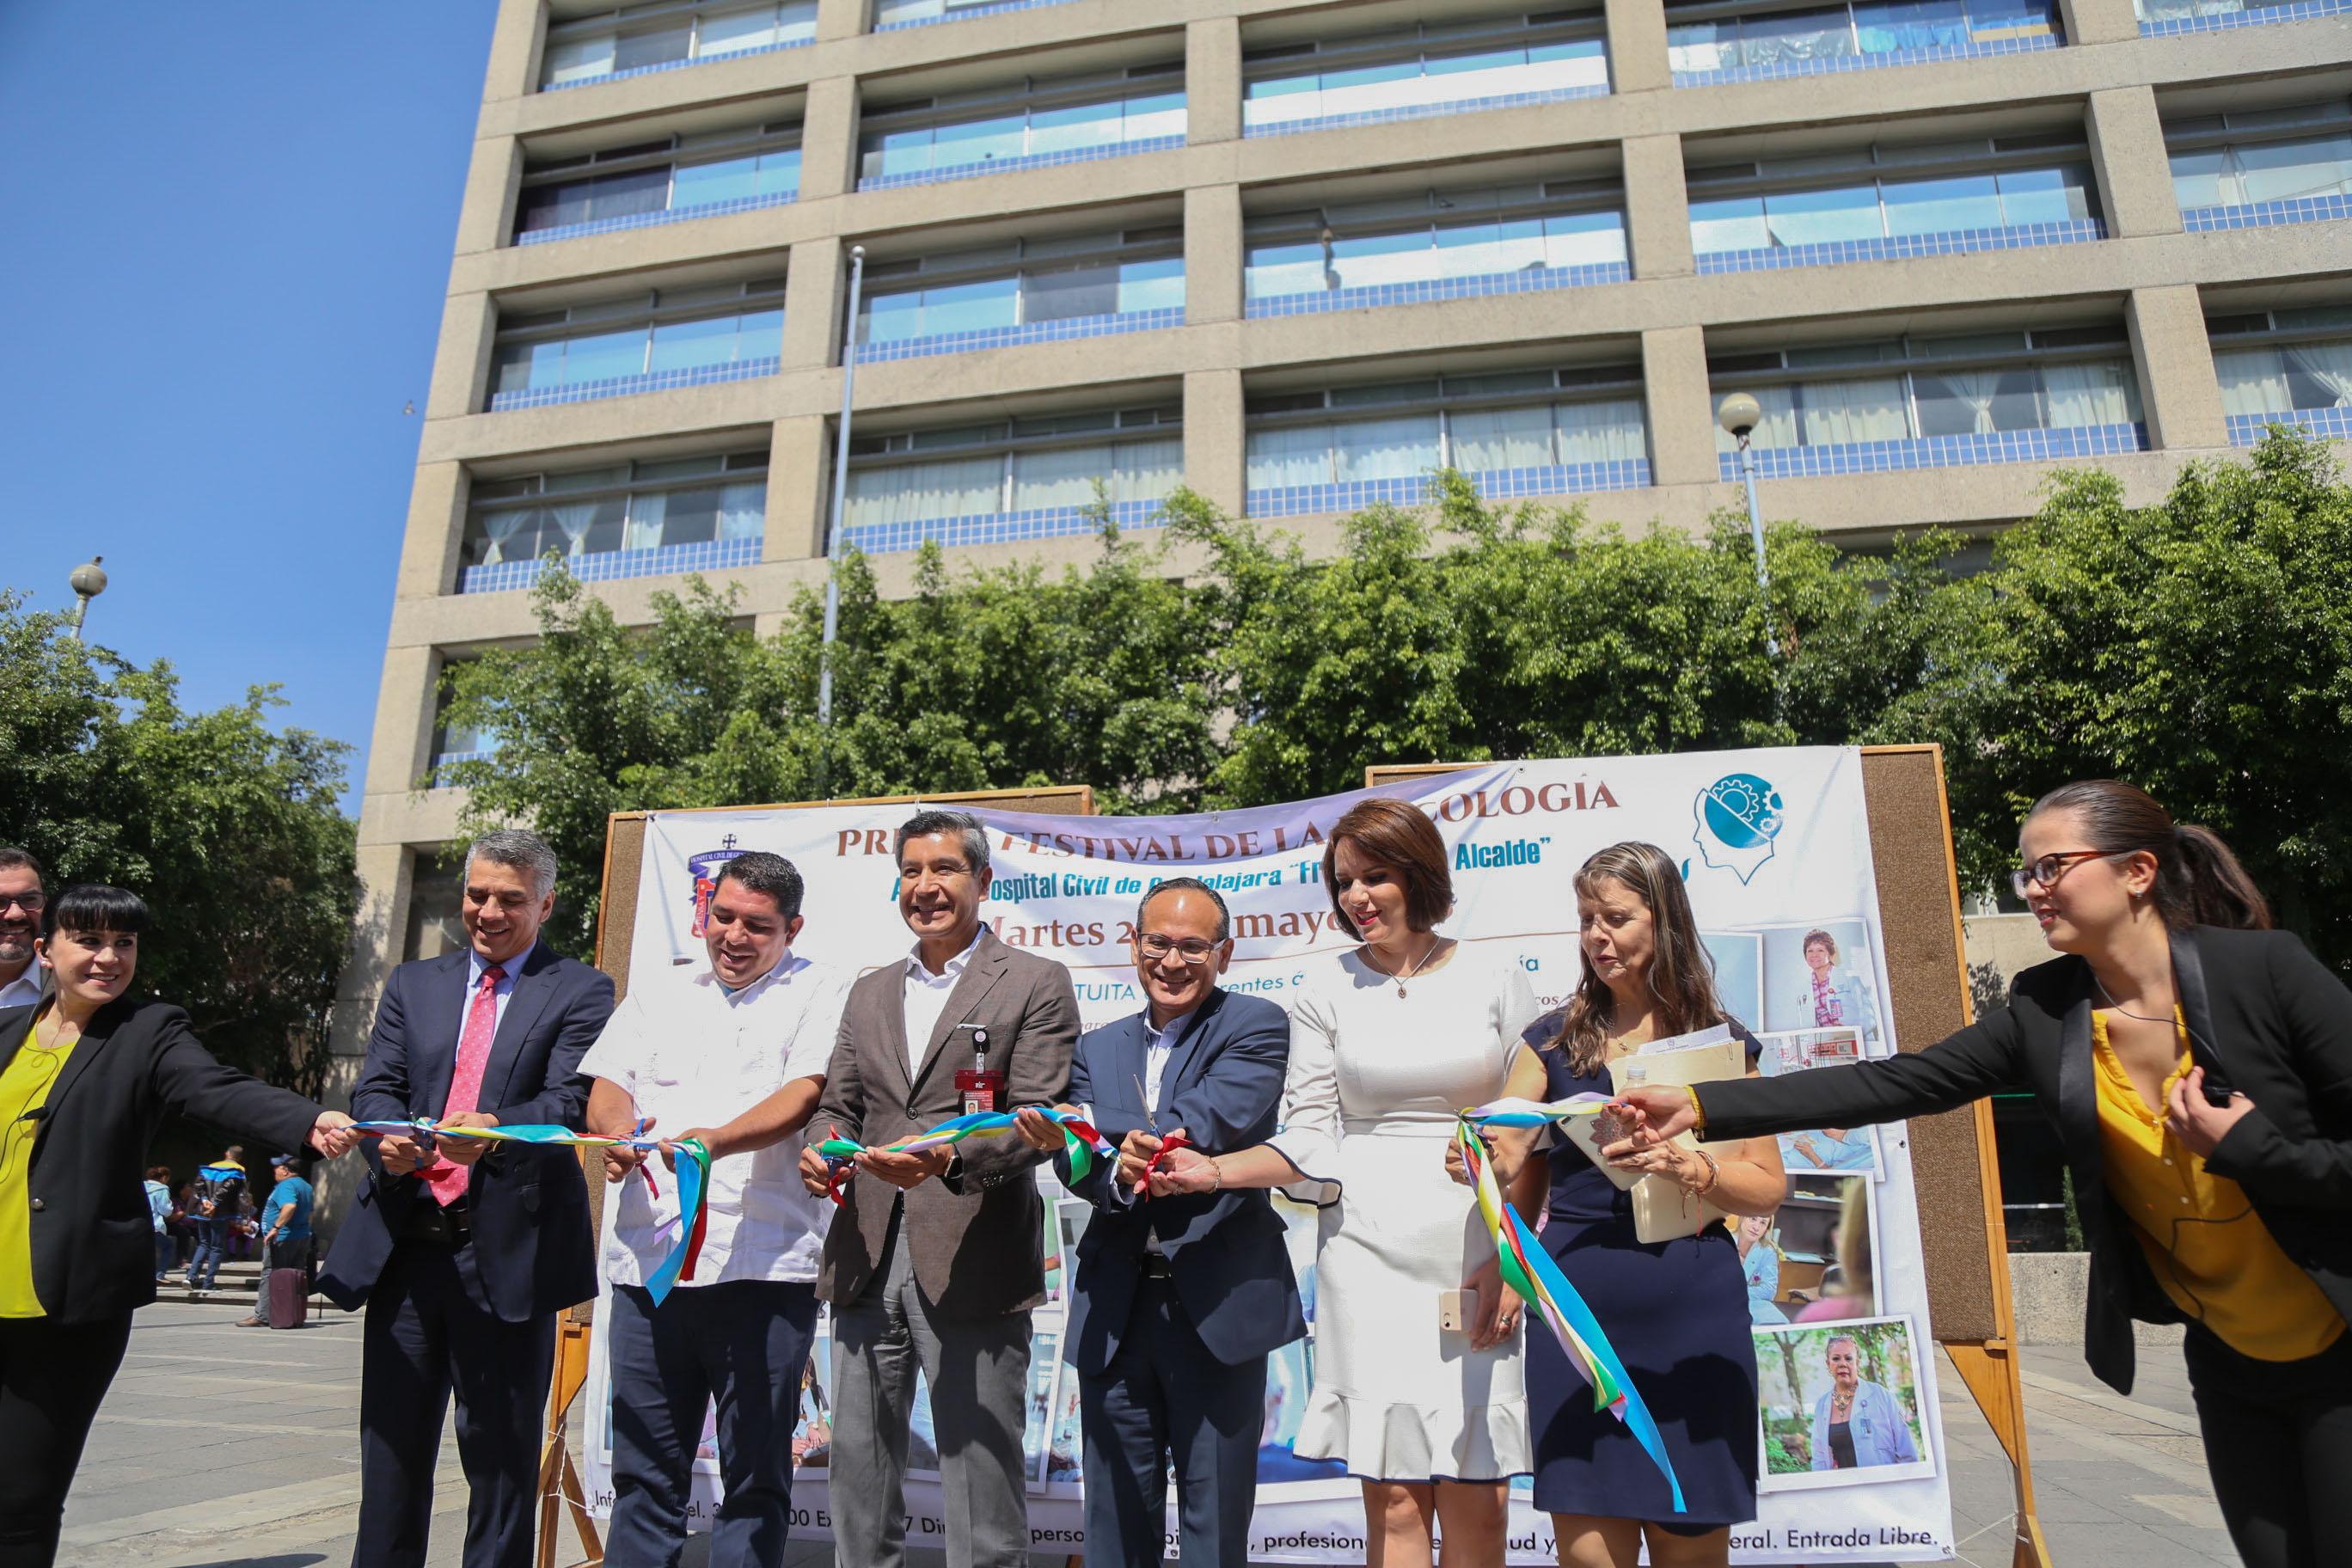 Autoridades del Antiguo Hospital Civil de Guadalajara -Fray Antonio Alcalde- cortando el listón inaugural del festival.